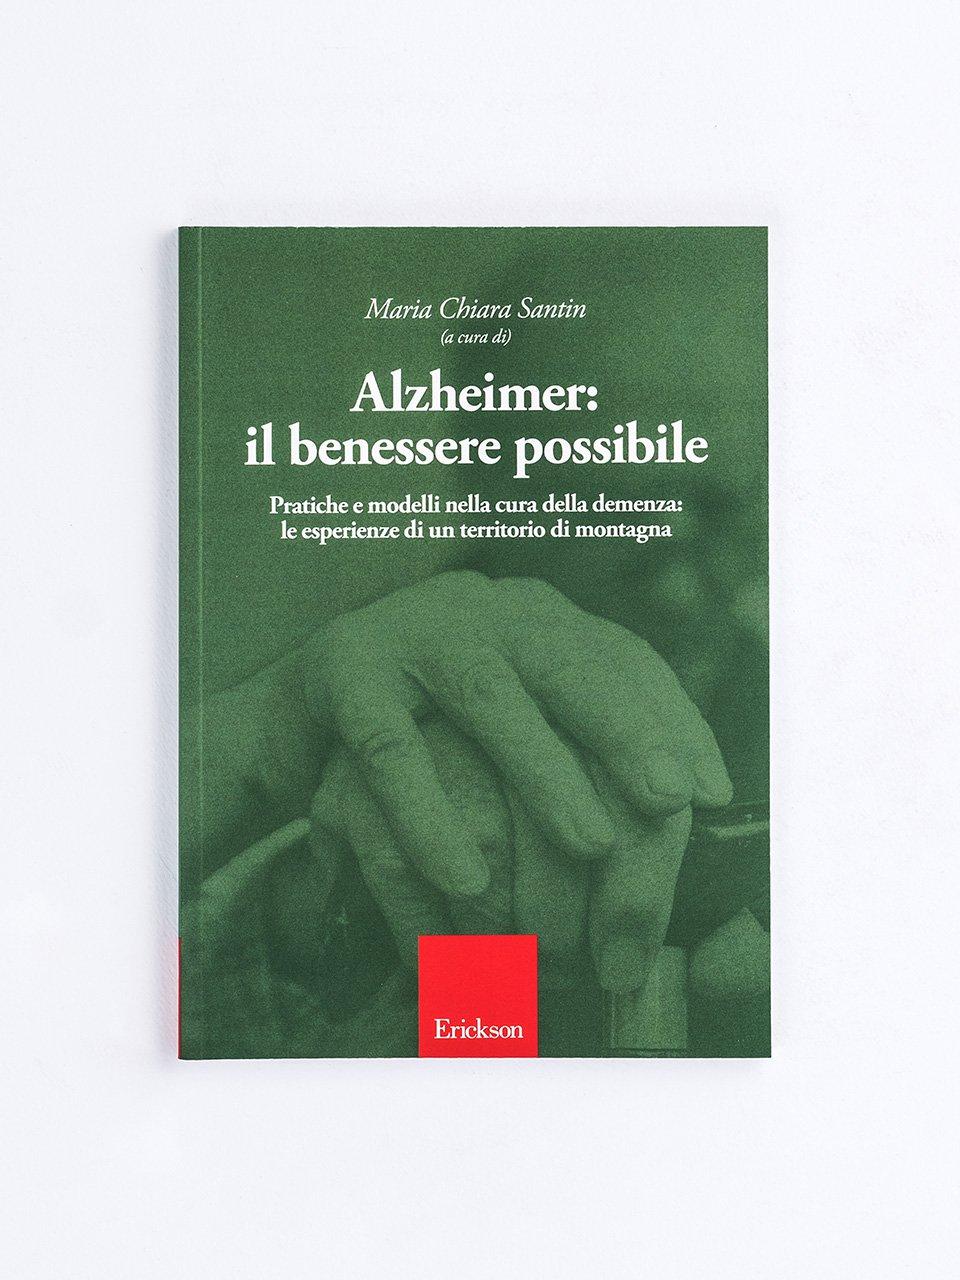 Alzheimer: il benessere possibile - Il Metodo Montessori e l'Alzheimer - Erickson